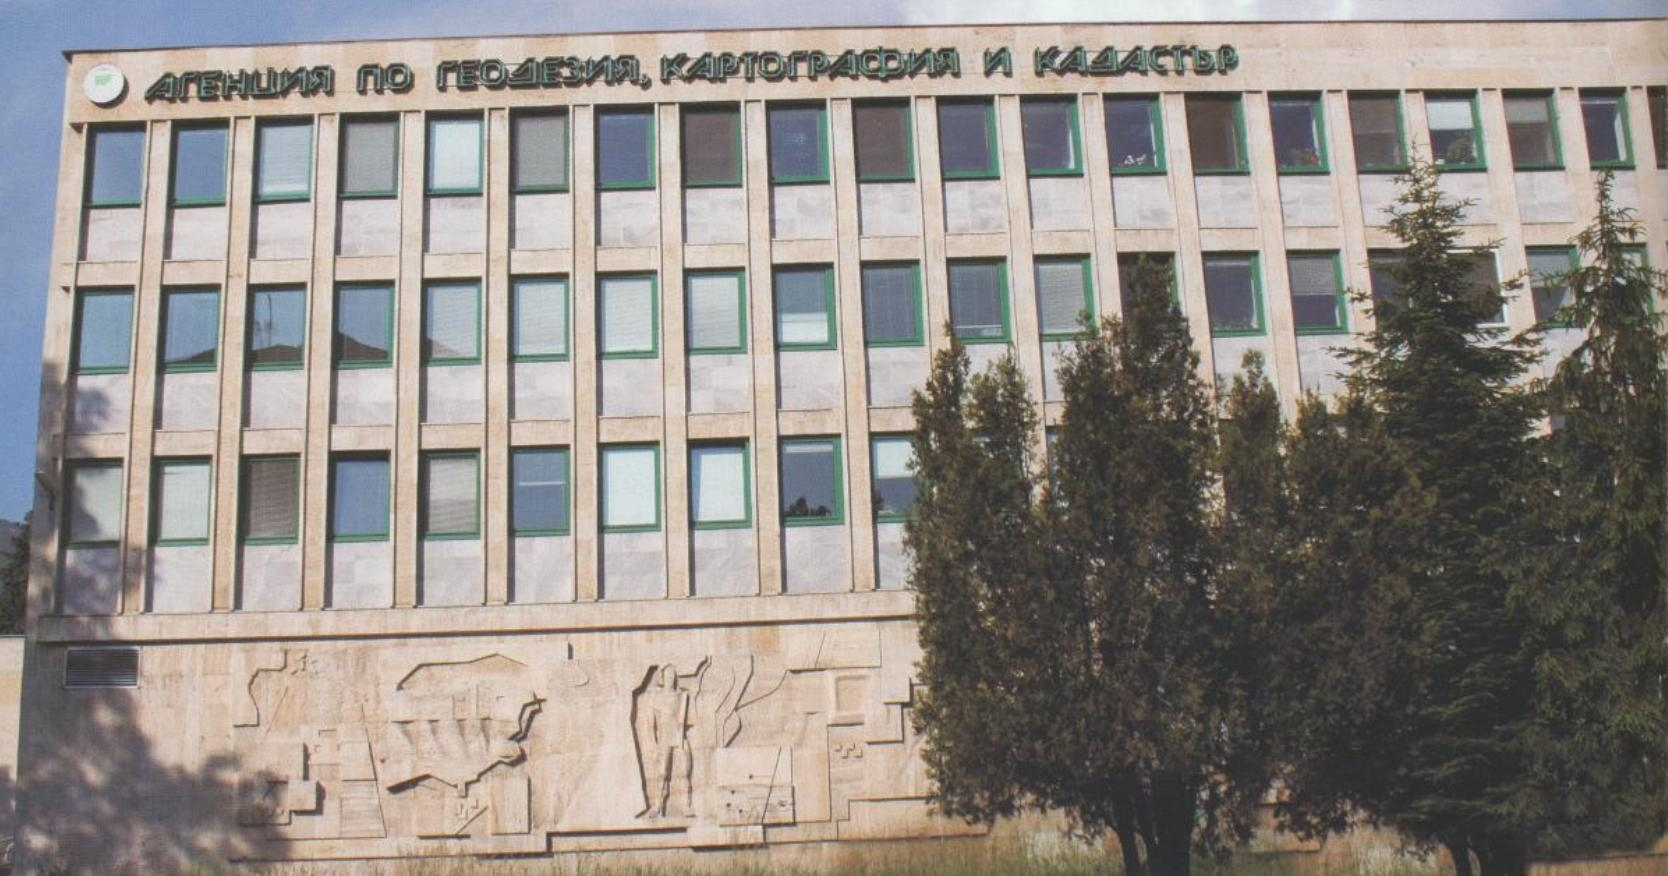 АГКК обяви конкурс за младши експерт във Видин